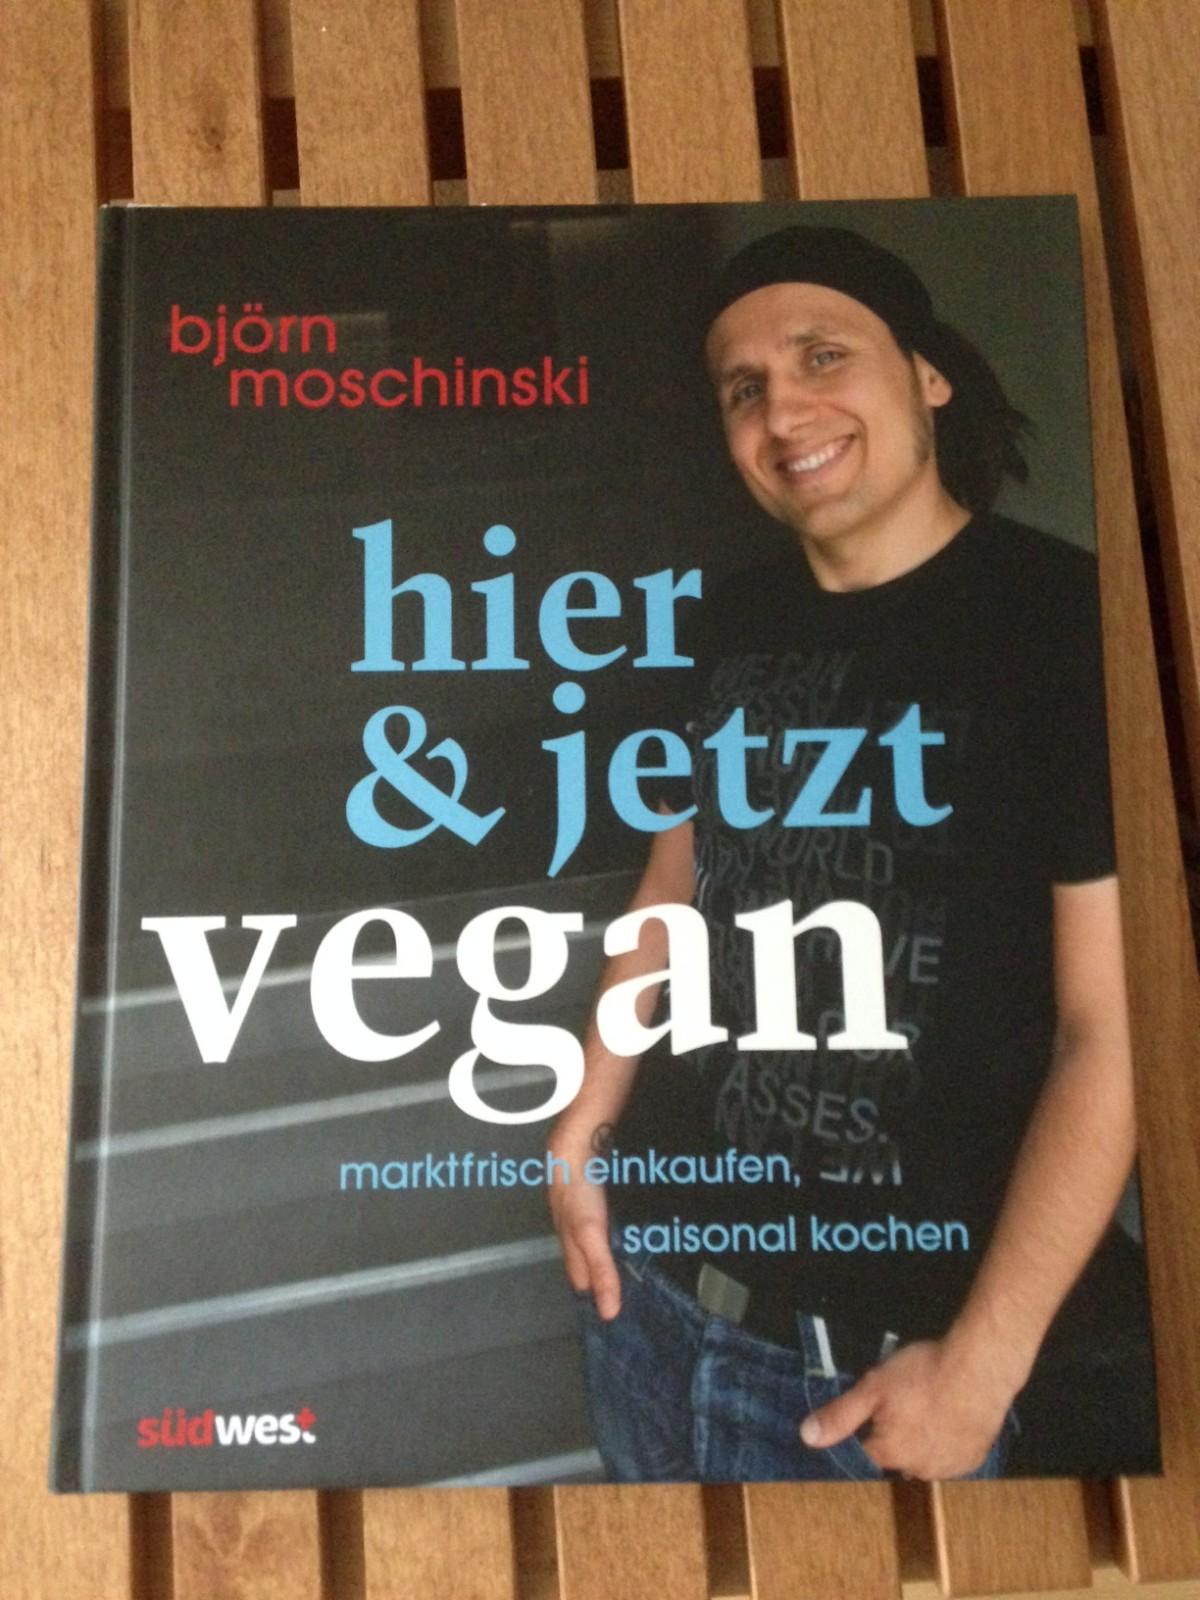 """Rezension Kochbuch """"Hier & jetzt vegan"""" von Björn Moschinski"""